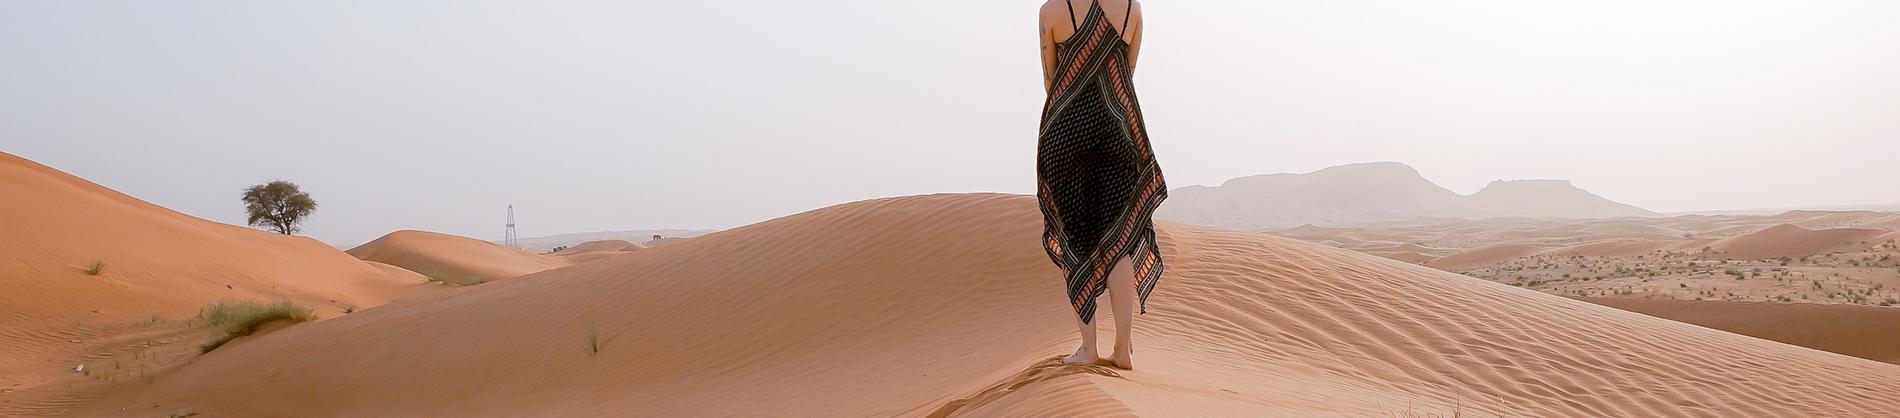 A women walking along sand dunes